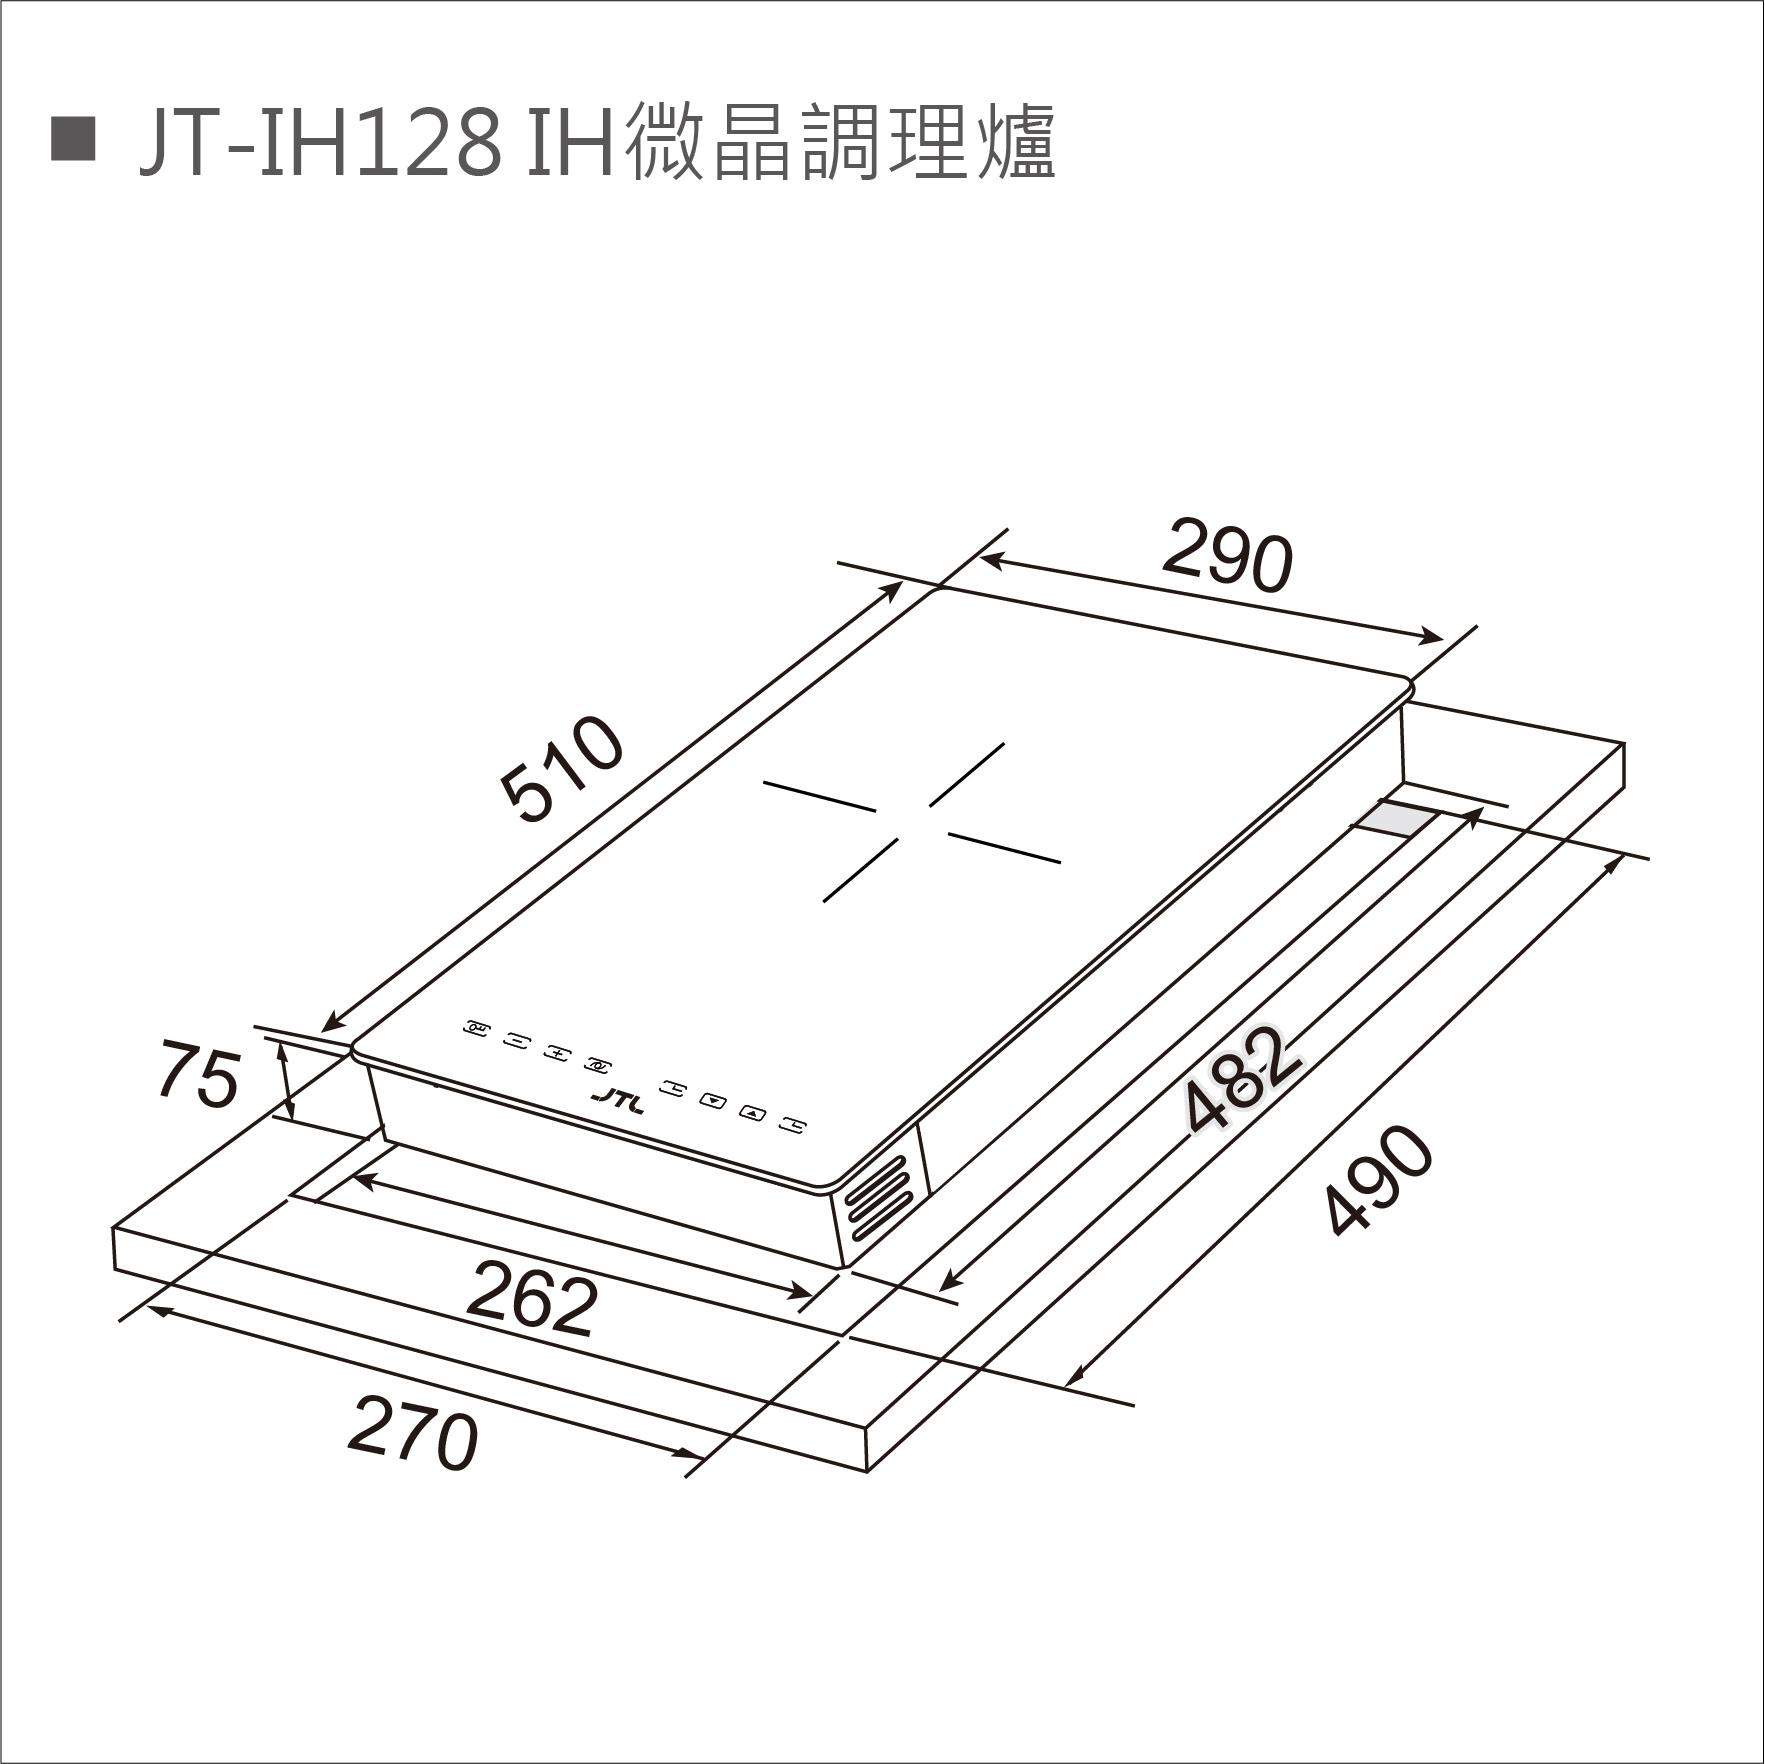 JT-IH128 IH微晶調理爐-JT-IH128